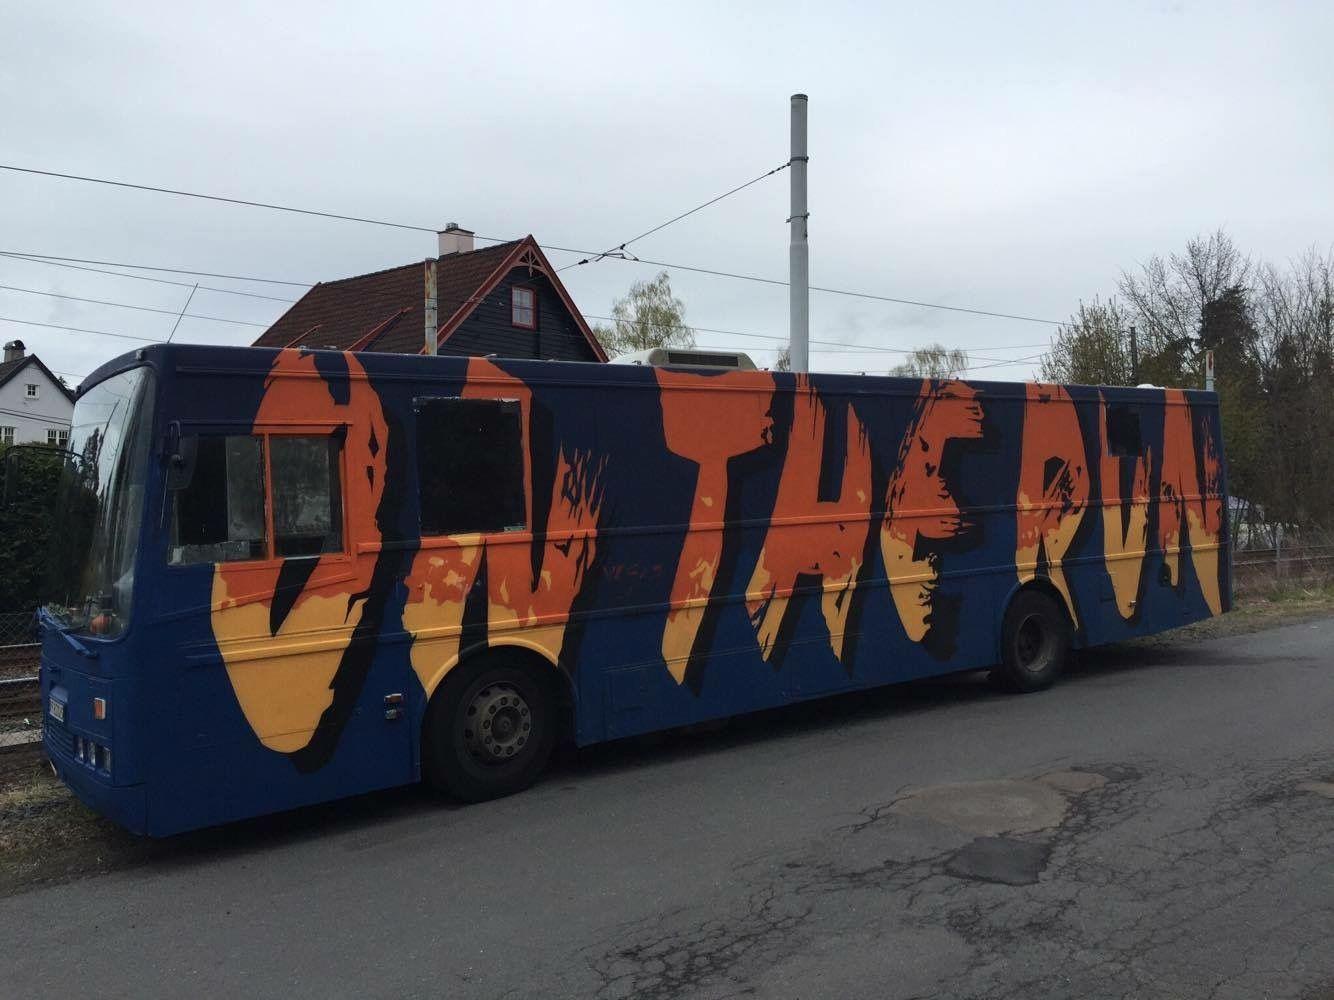 ON THE RUN: Navnet på bussen kalles konsept og jentebussen fra Oslo er klar til å «rulle» frem til 17. mai